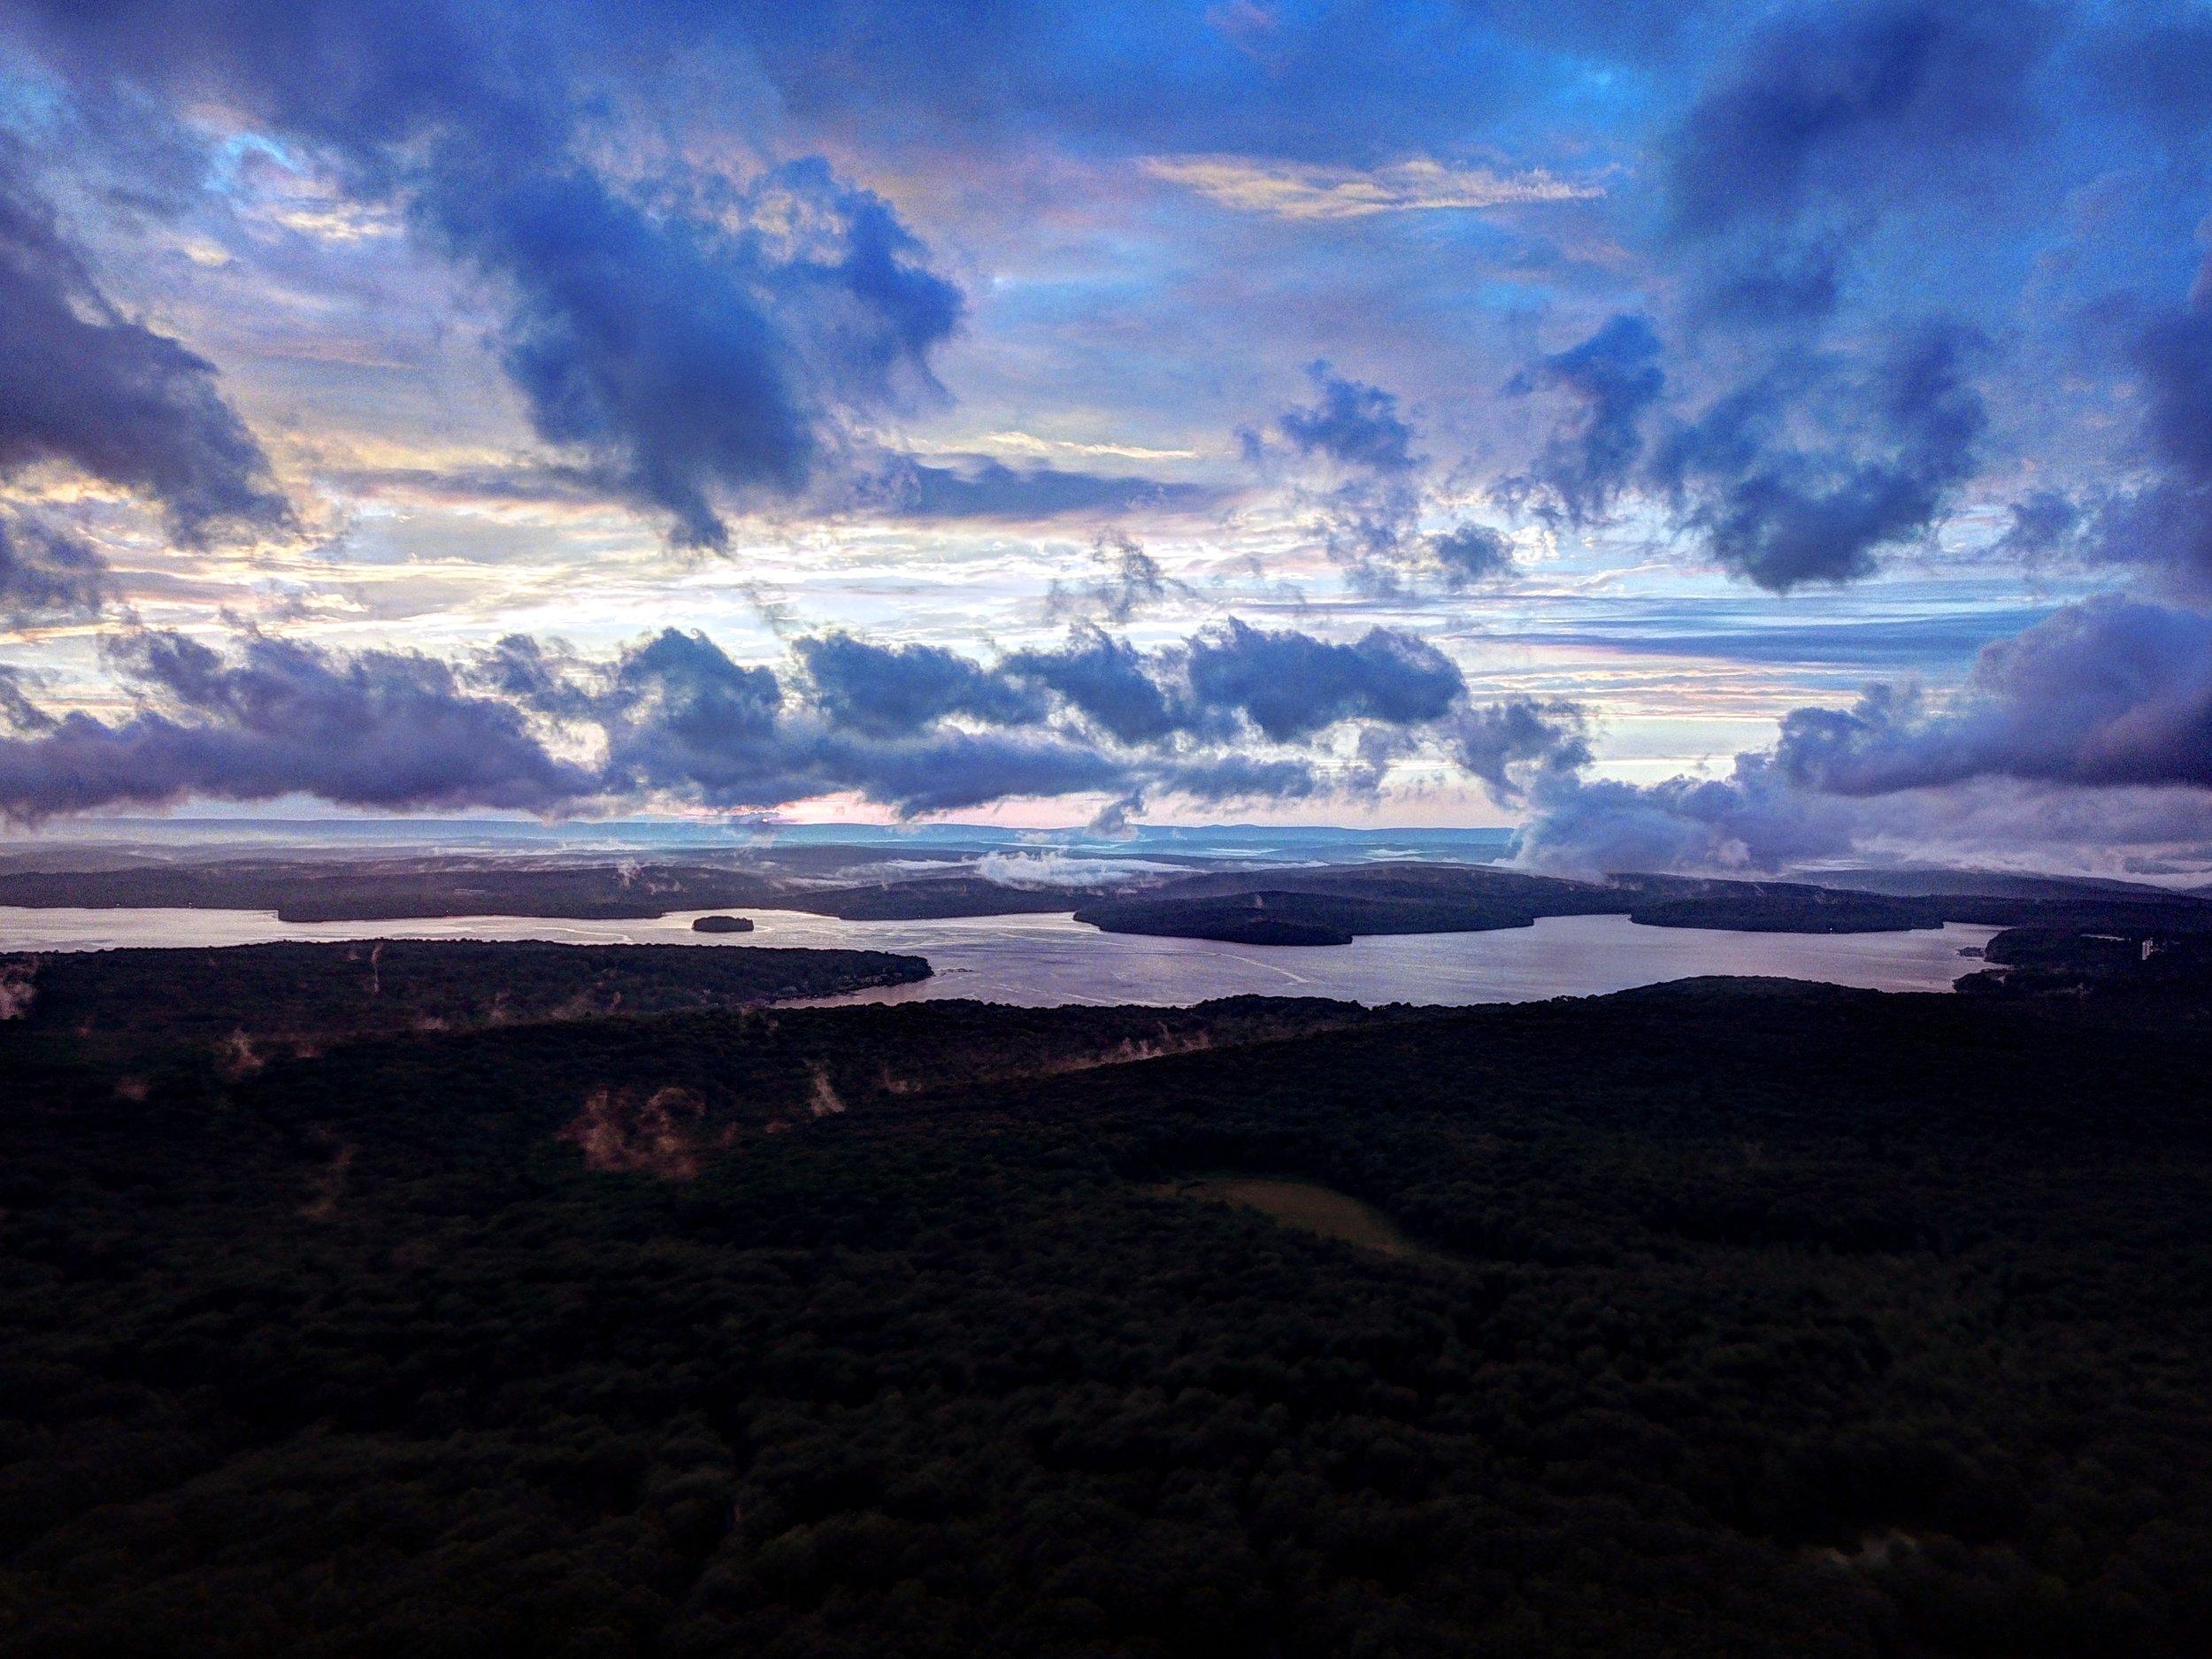 Lake Wallenpaupack Aerial 7.jpg.jpg